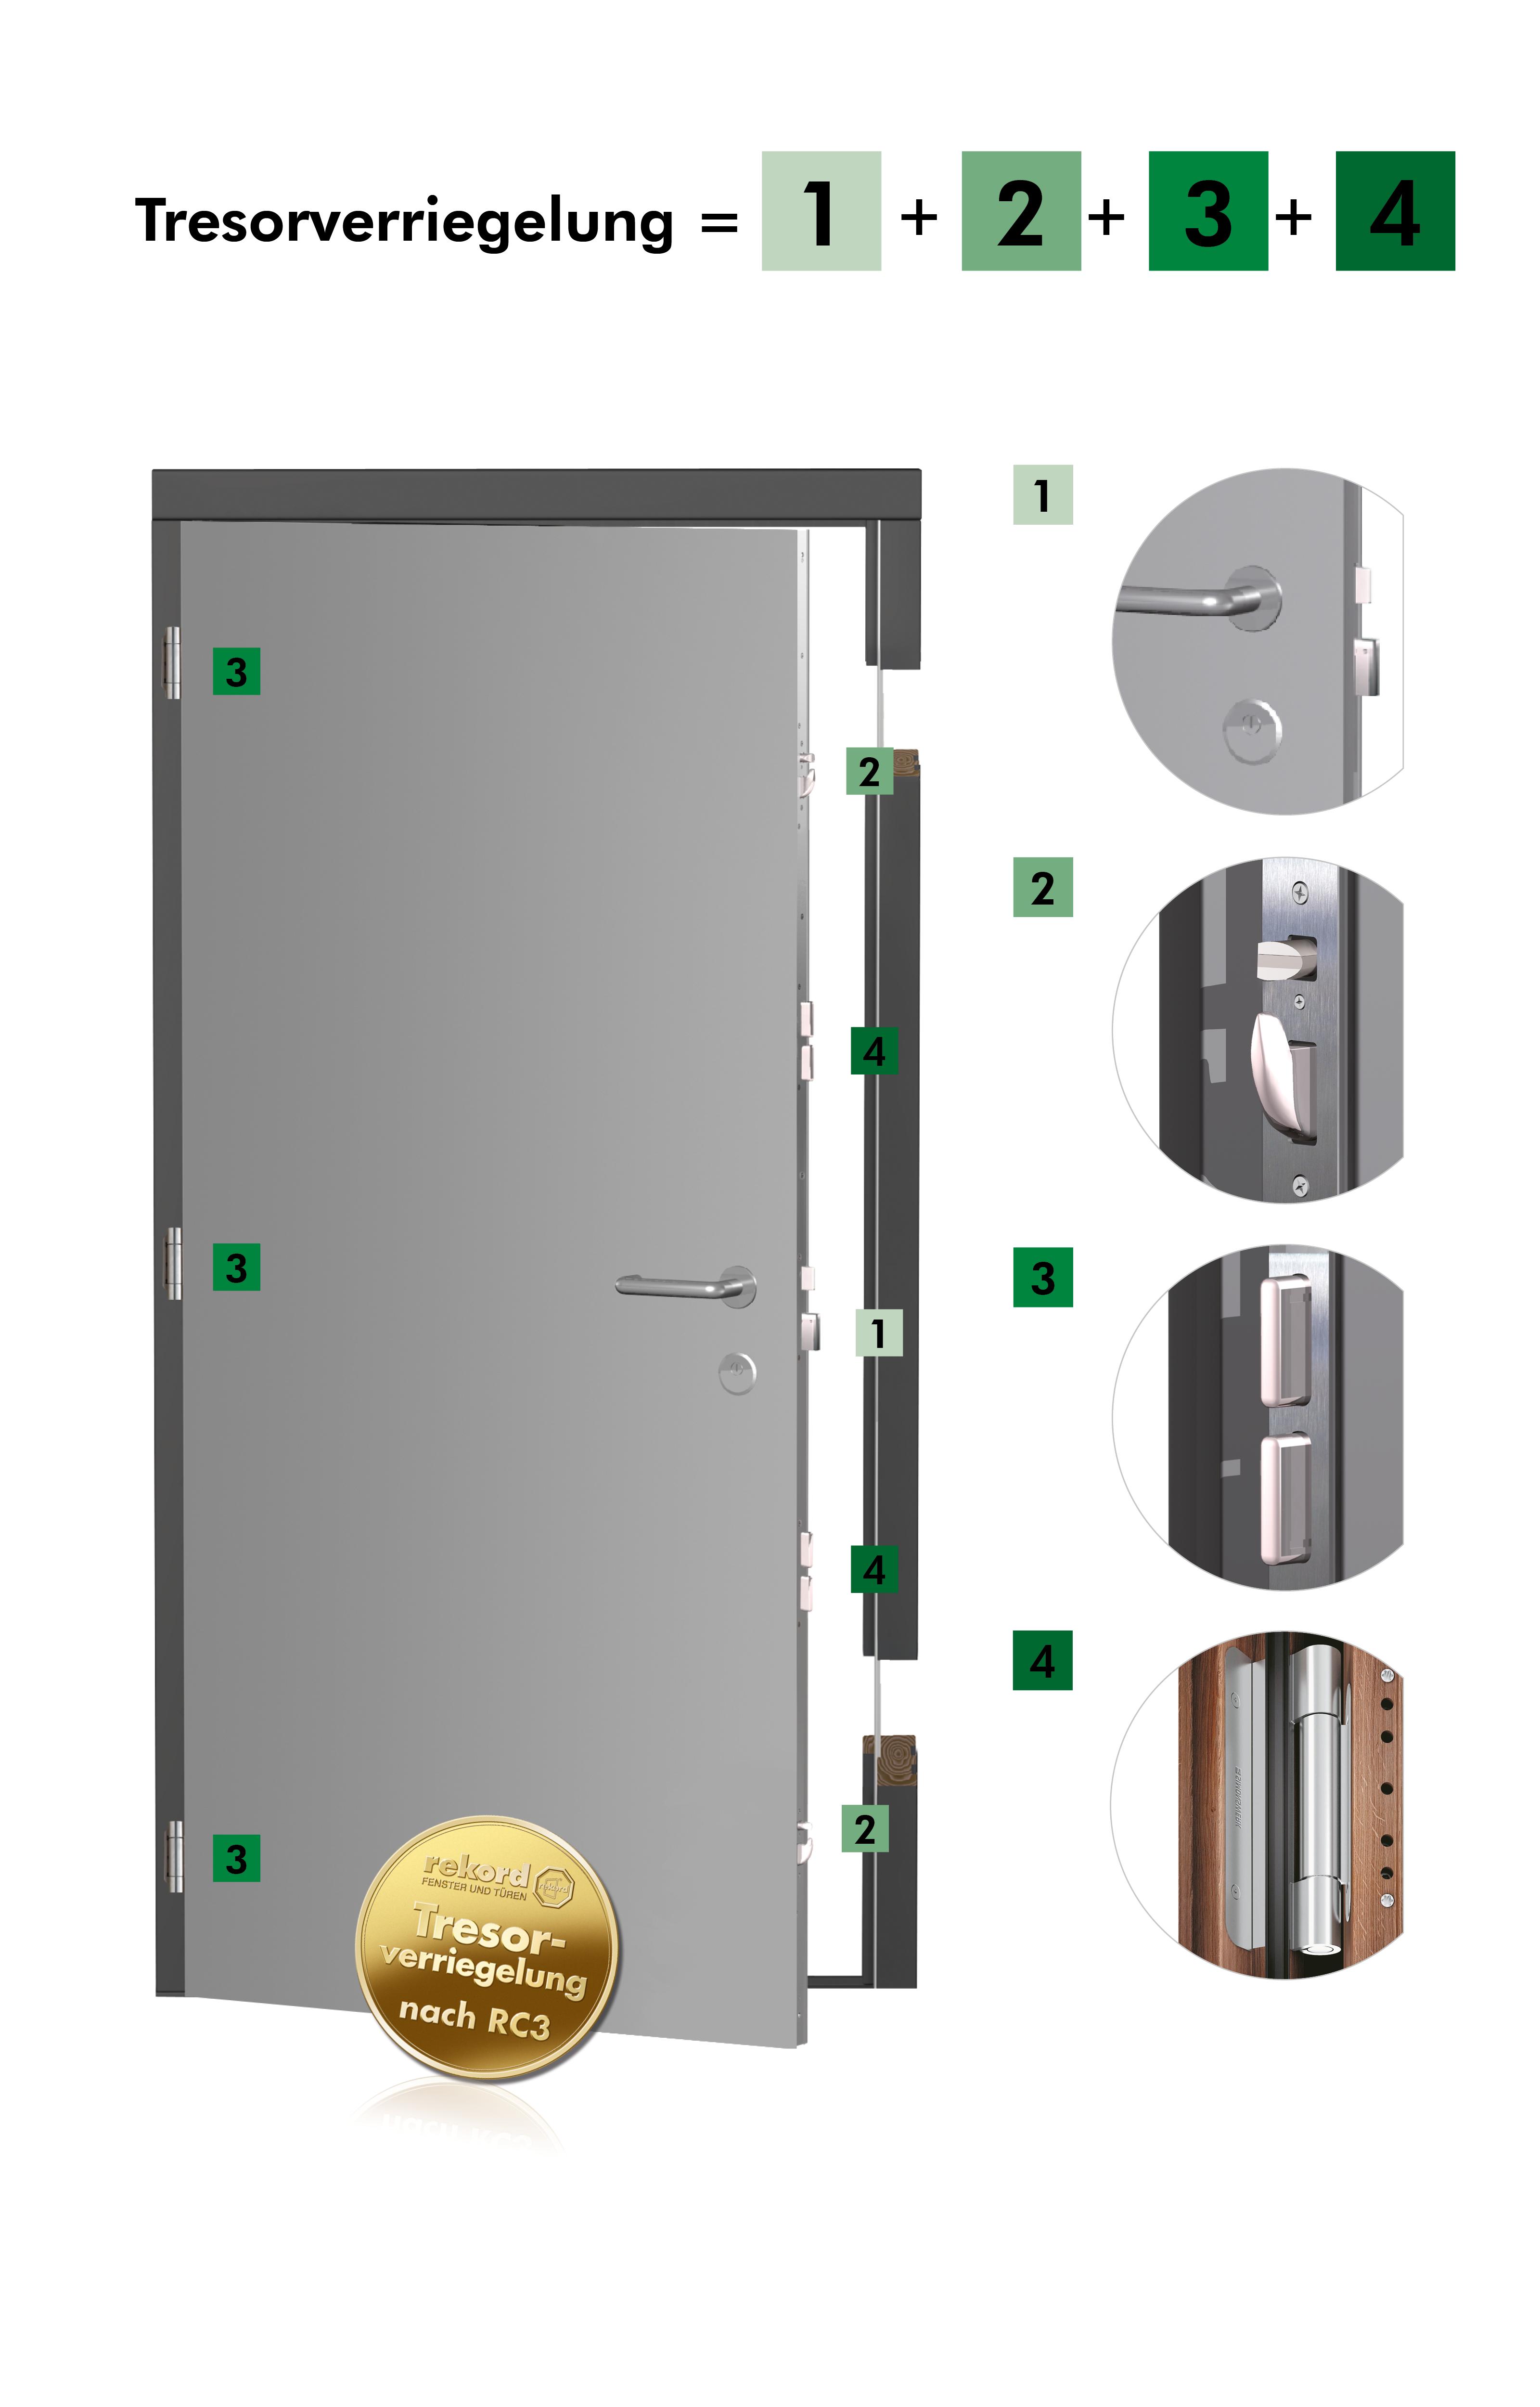 rekord-Tresorverriegelung – Verriegelungstechnik für RC3-Haustüren